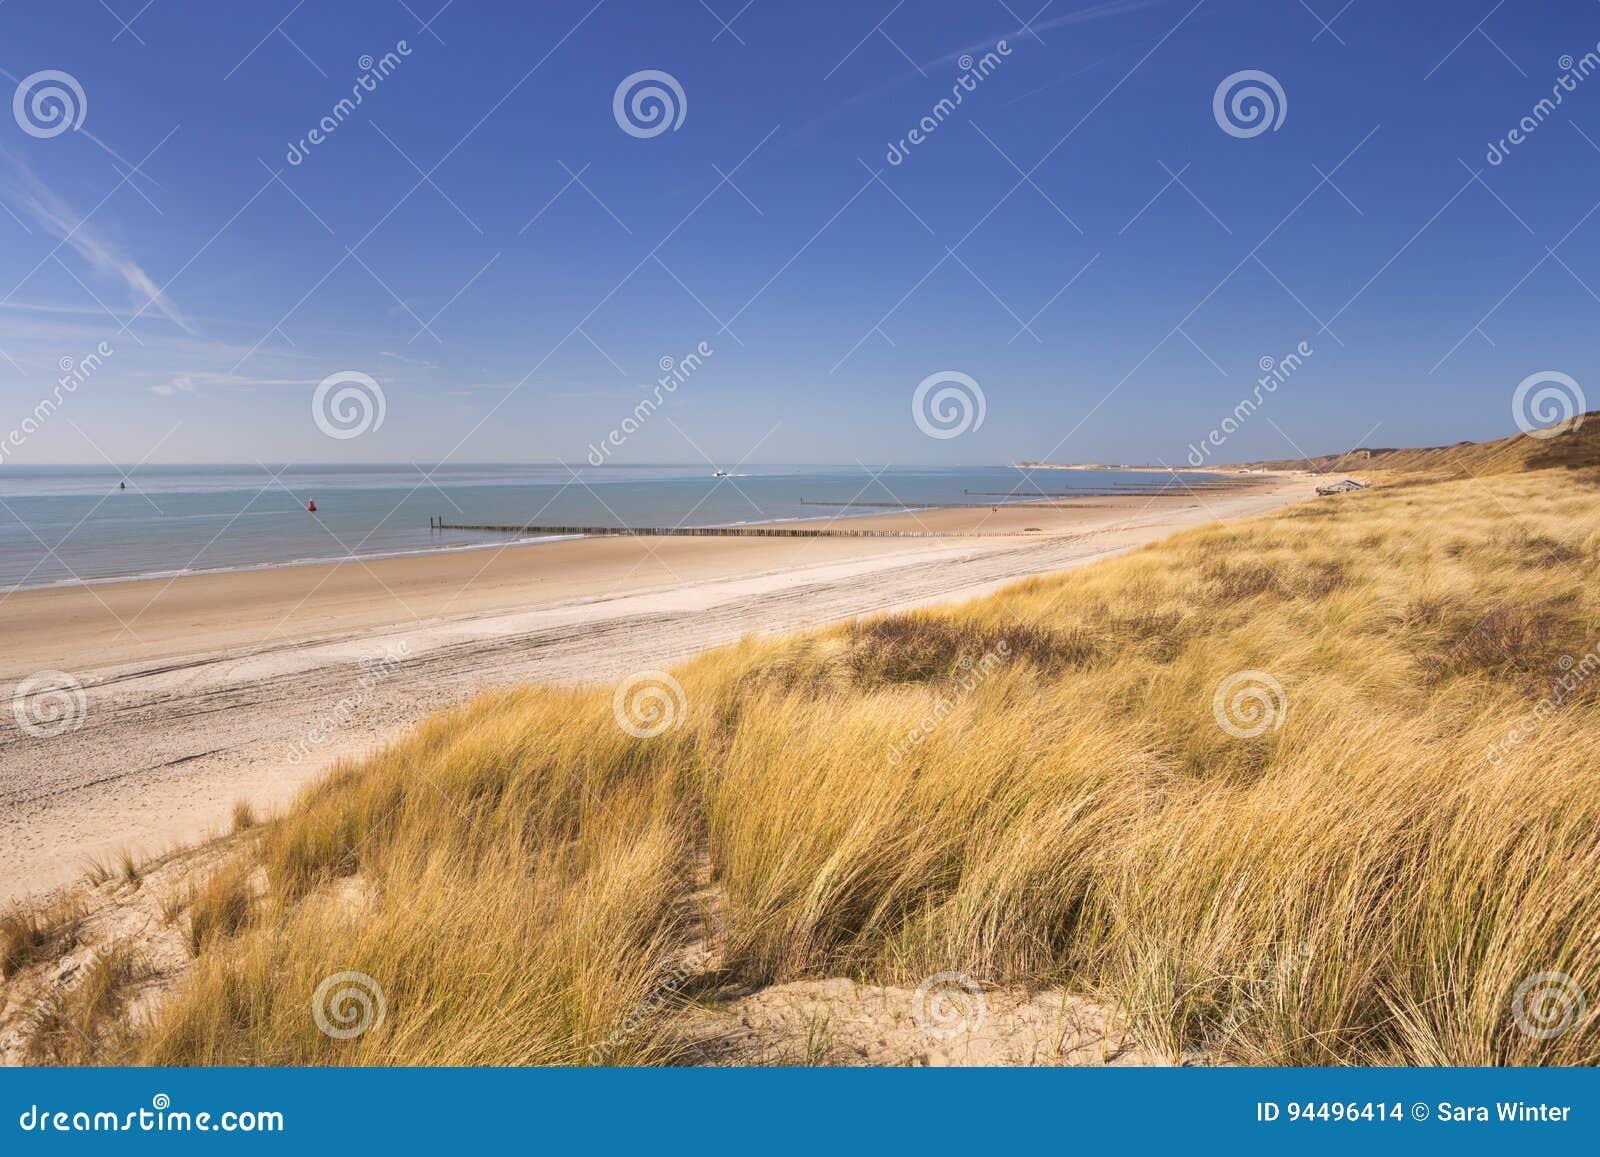 Duinen op de kust van Dishoek in Nederland